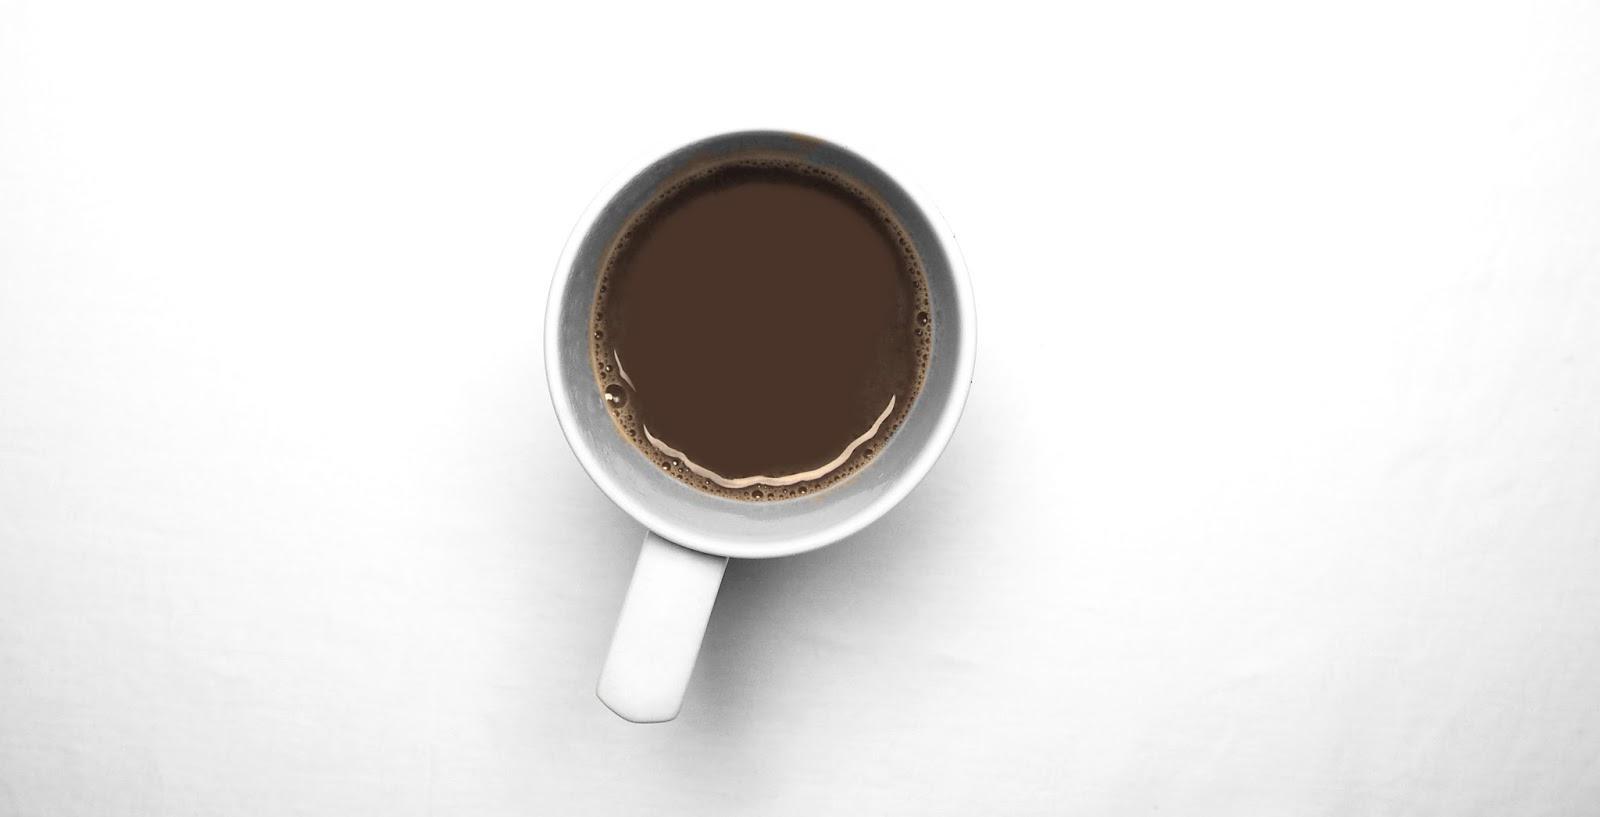 starbucks kahvi